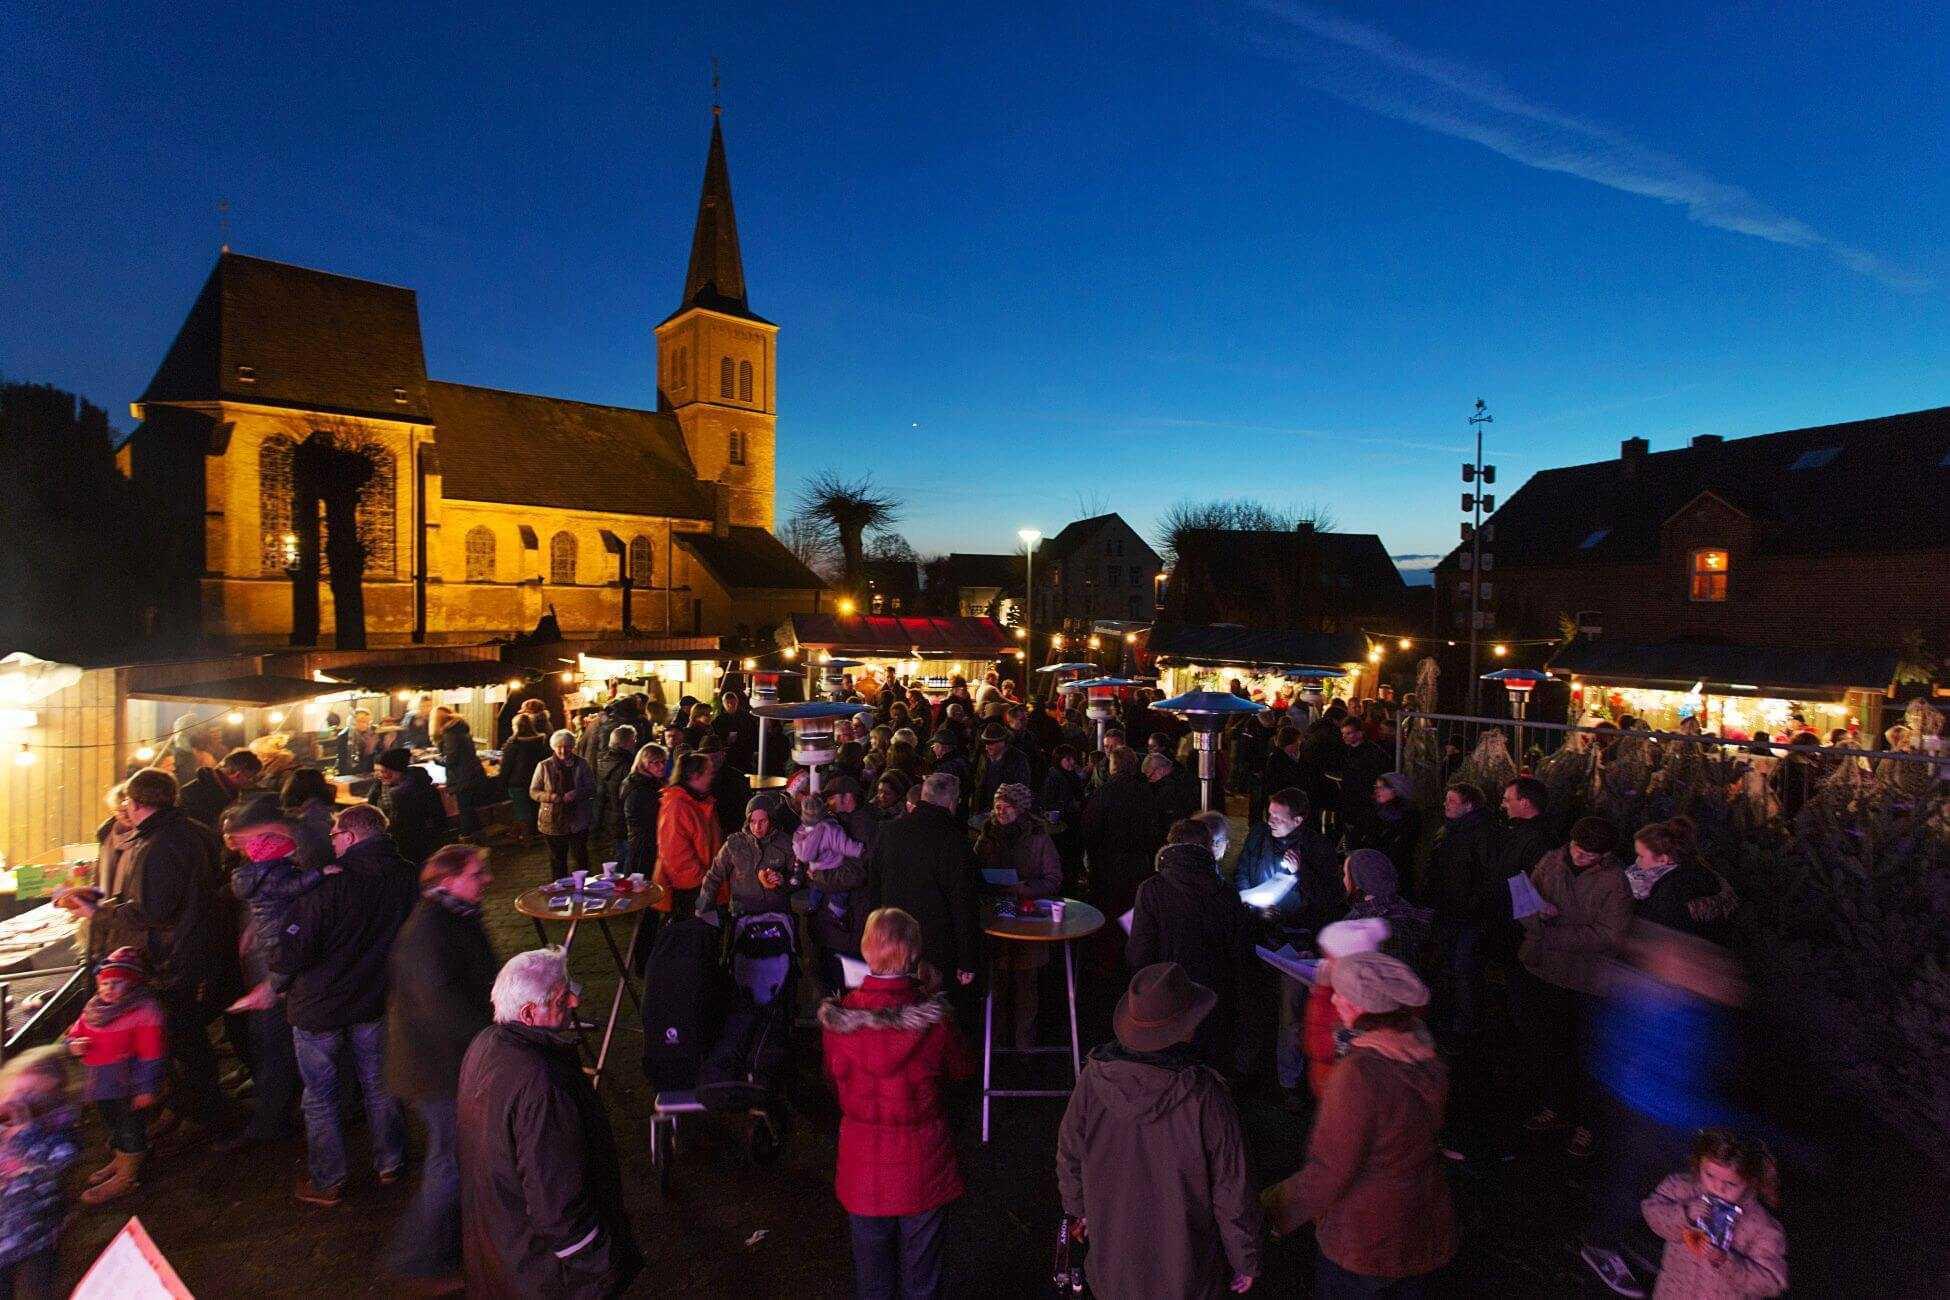 Der Weihnachtsmarkt in Mehr ist immer gut besucht.